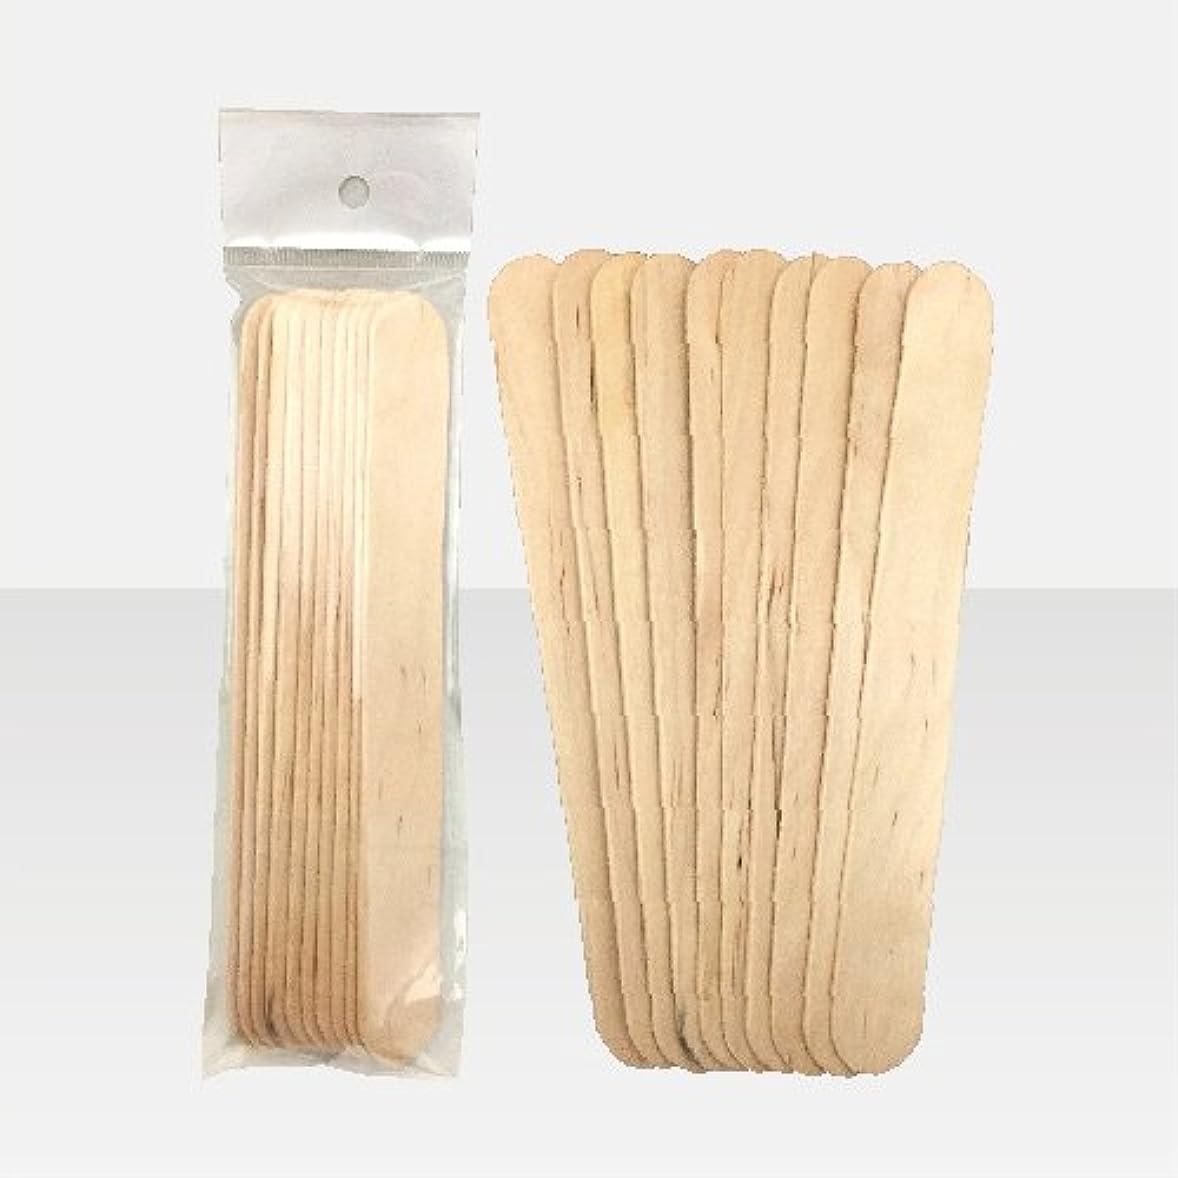 マンモステレビを見る受動的ブラジリアンワックス 脱毛ワックス用  ワックススパチュラ 木ベラ /10本セット Mサイズ